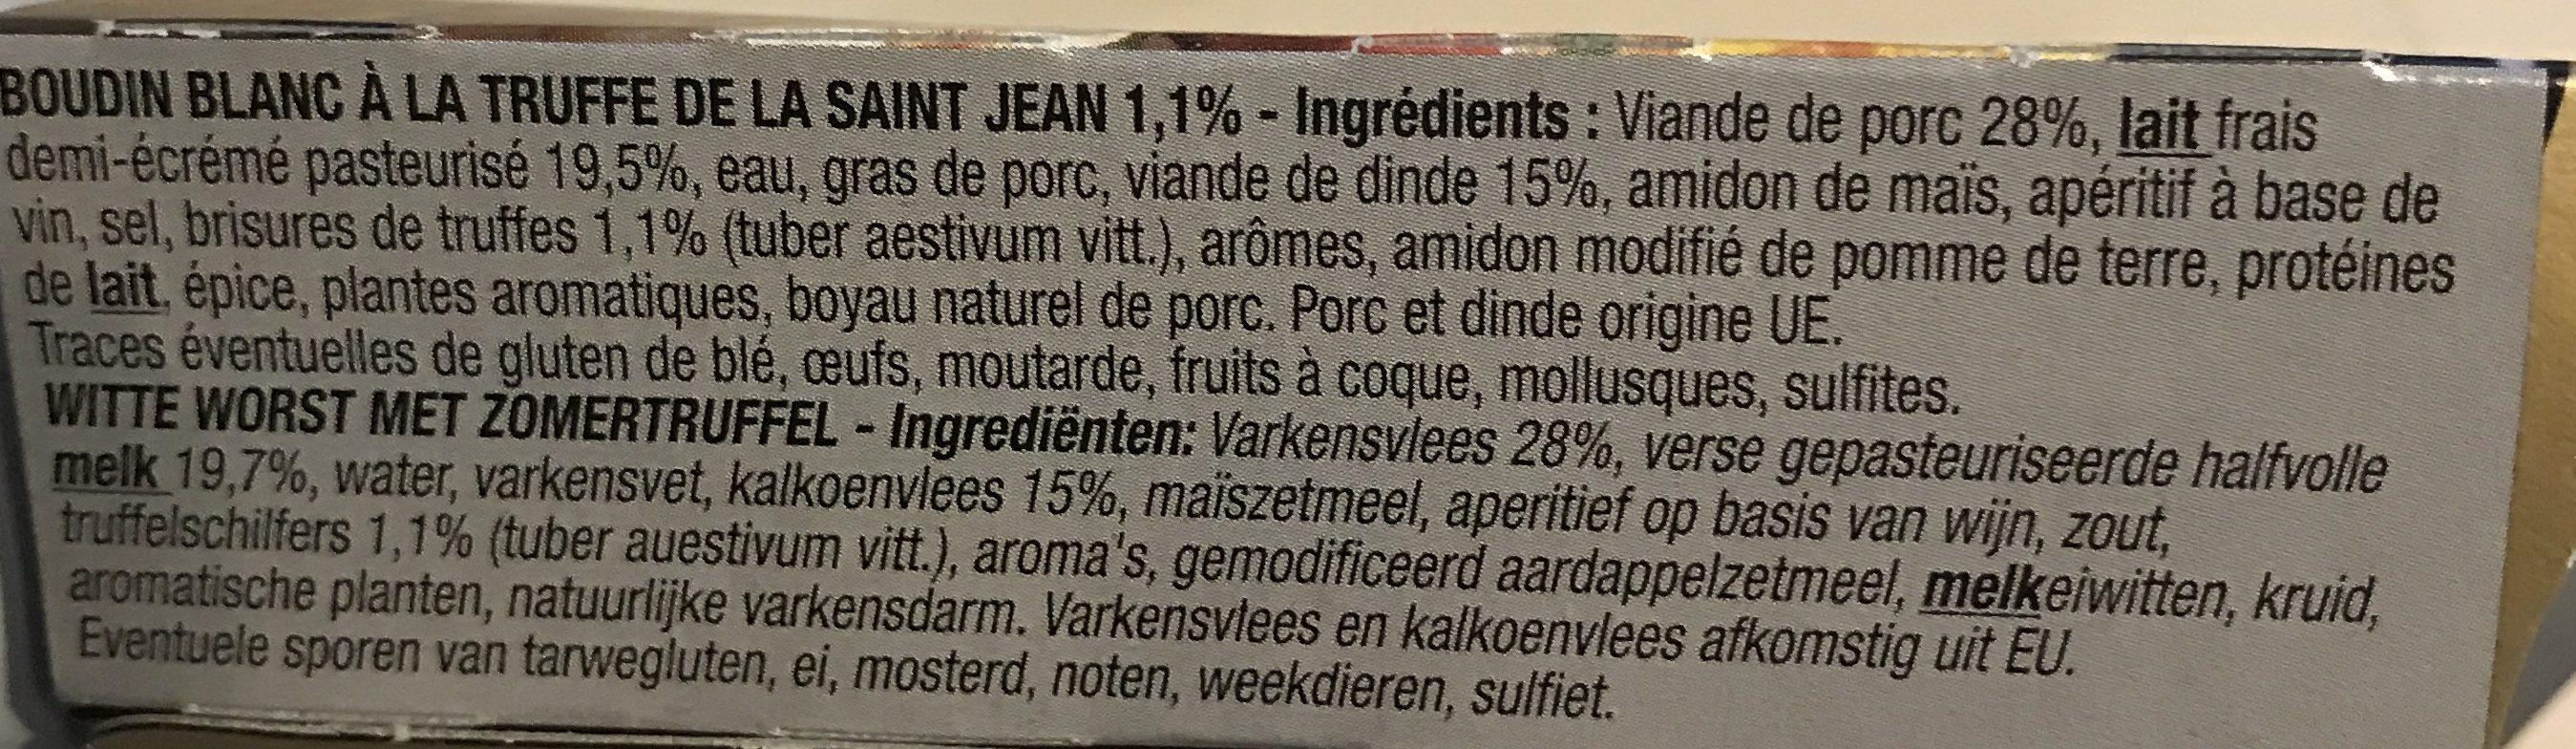 Boudin blanc aux truffes noires et brumales BAHIER, 3 pièces - Ingrédients - fr